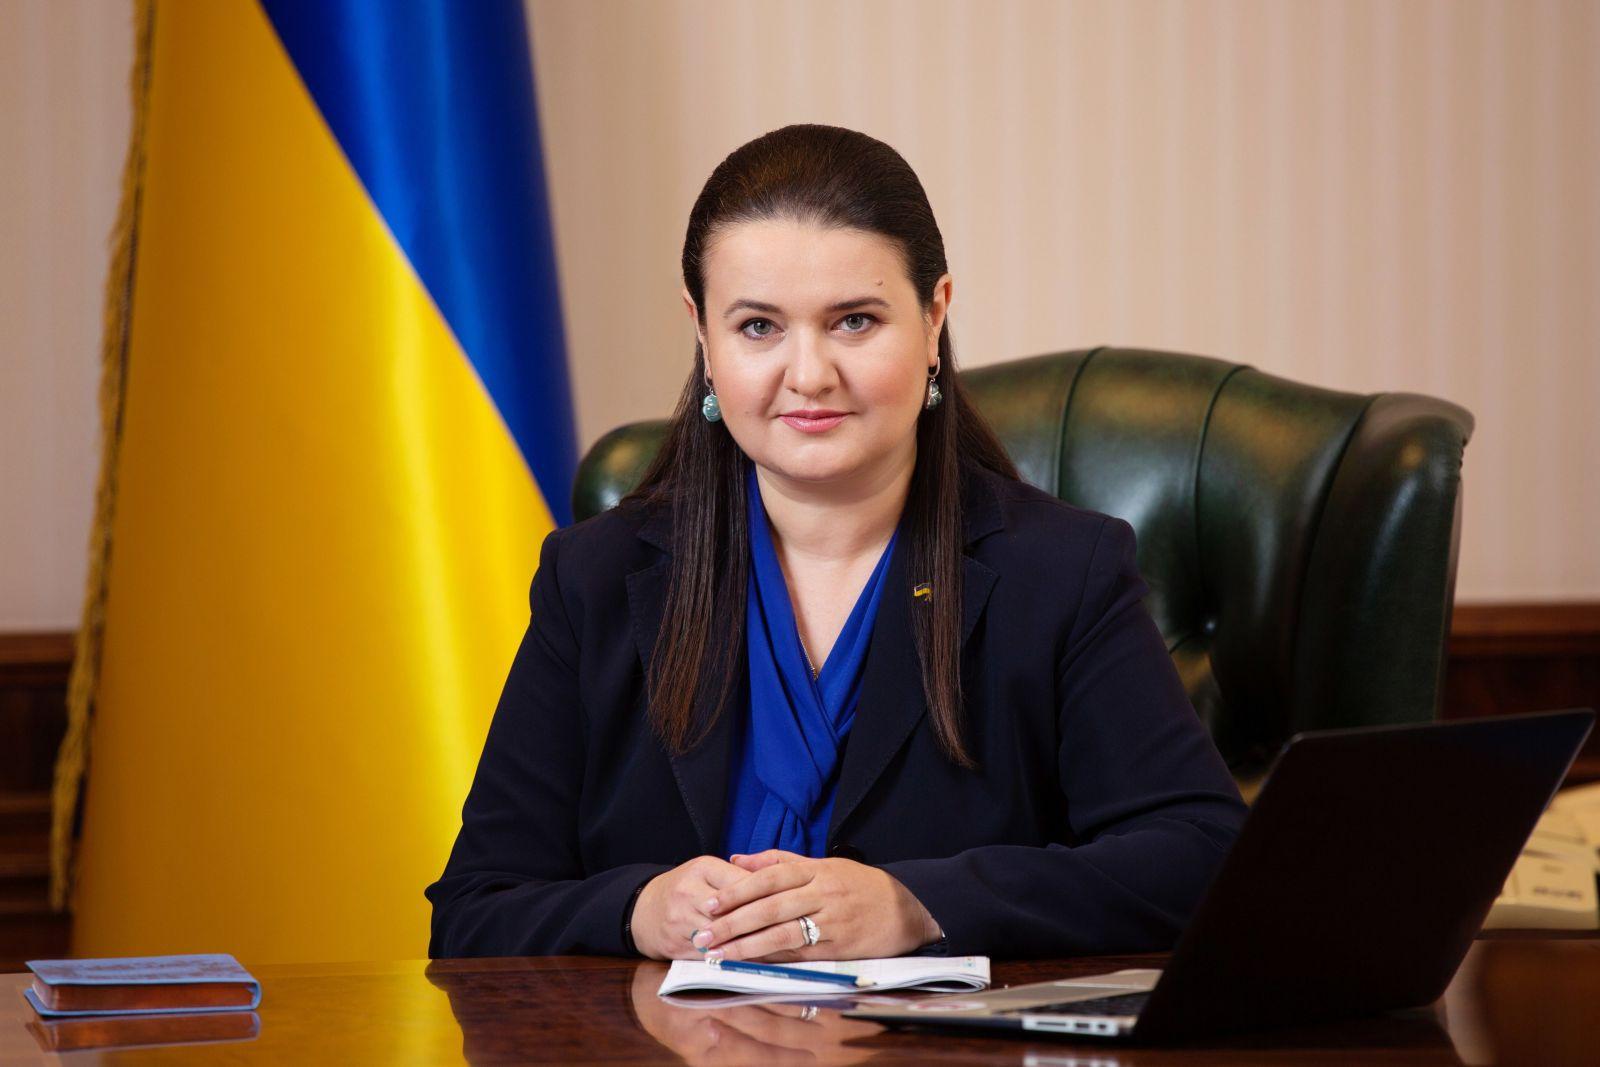 В Слуге народа уже назвали преемника Марченко на посту министра финансов